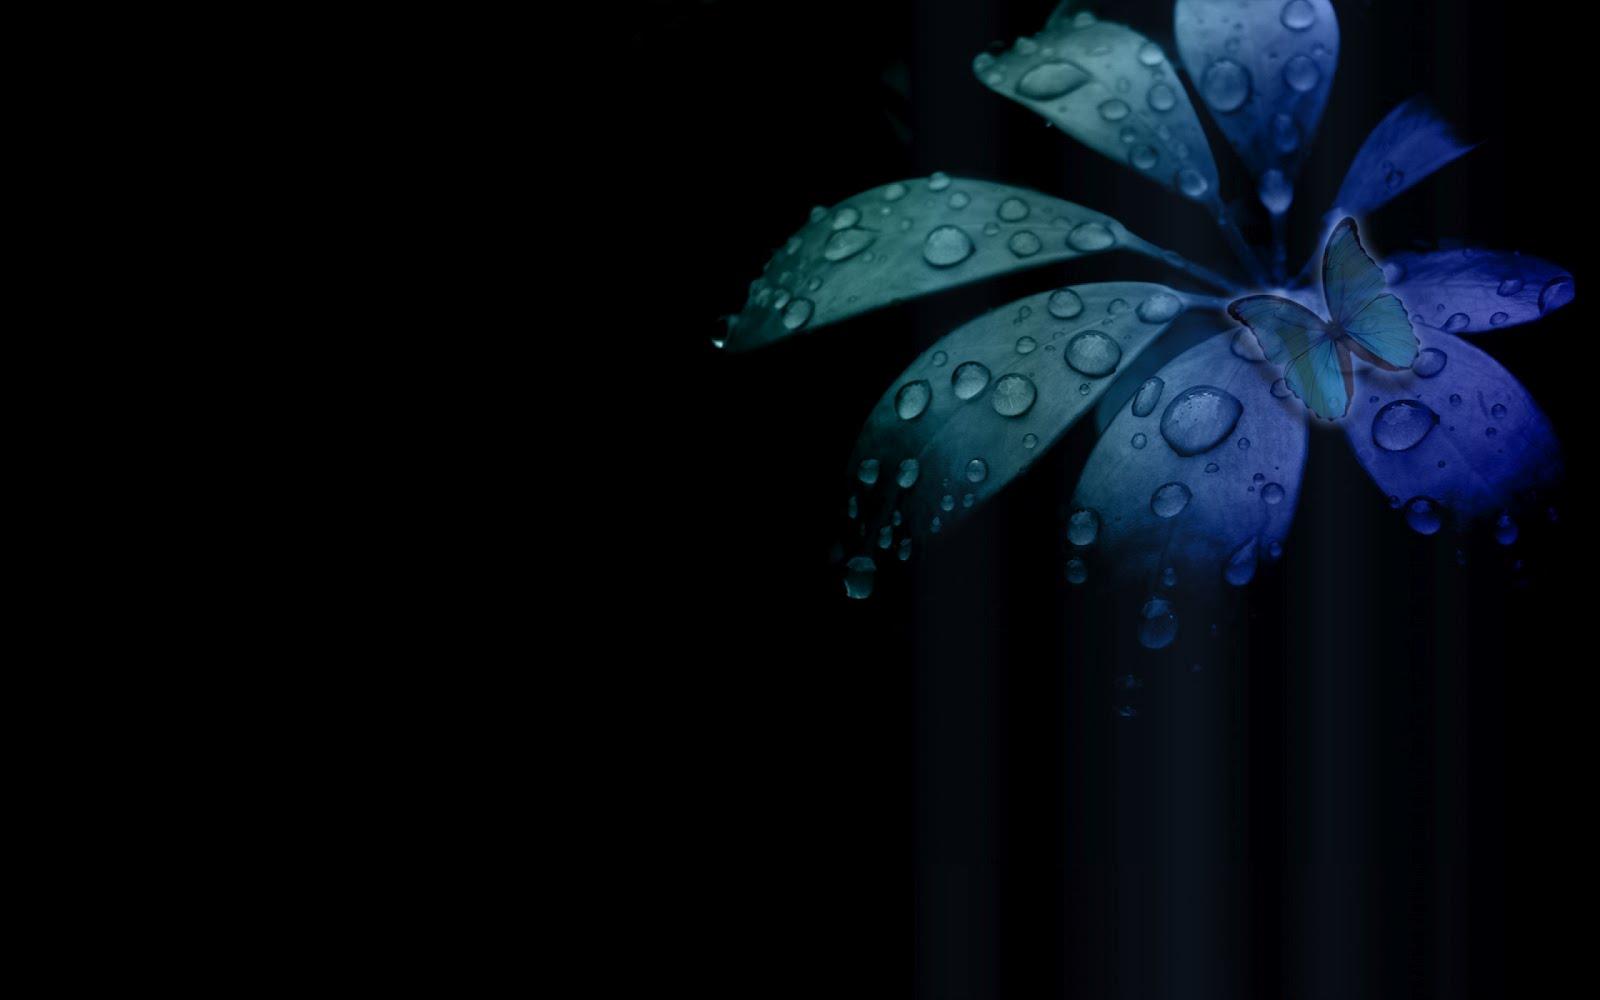 black and blue desktop wallpaper - wallpapersafari